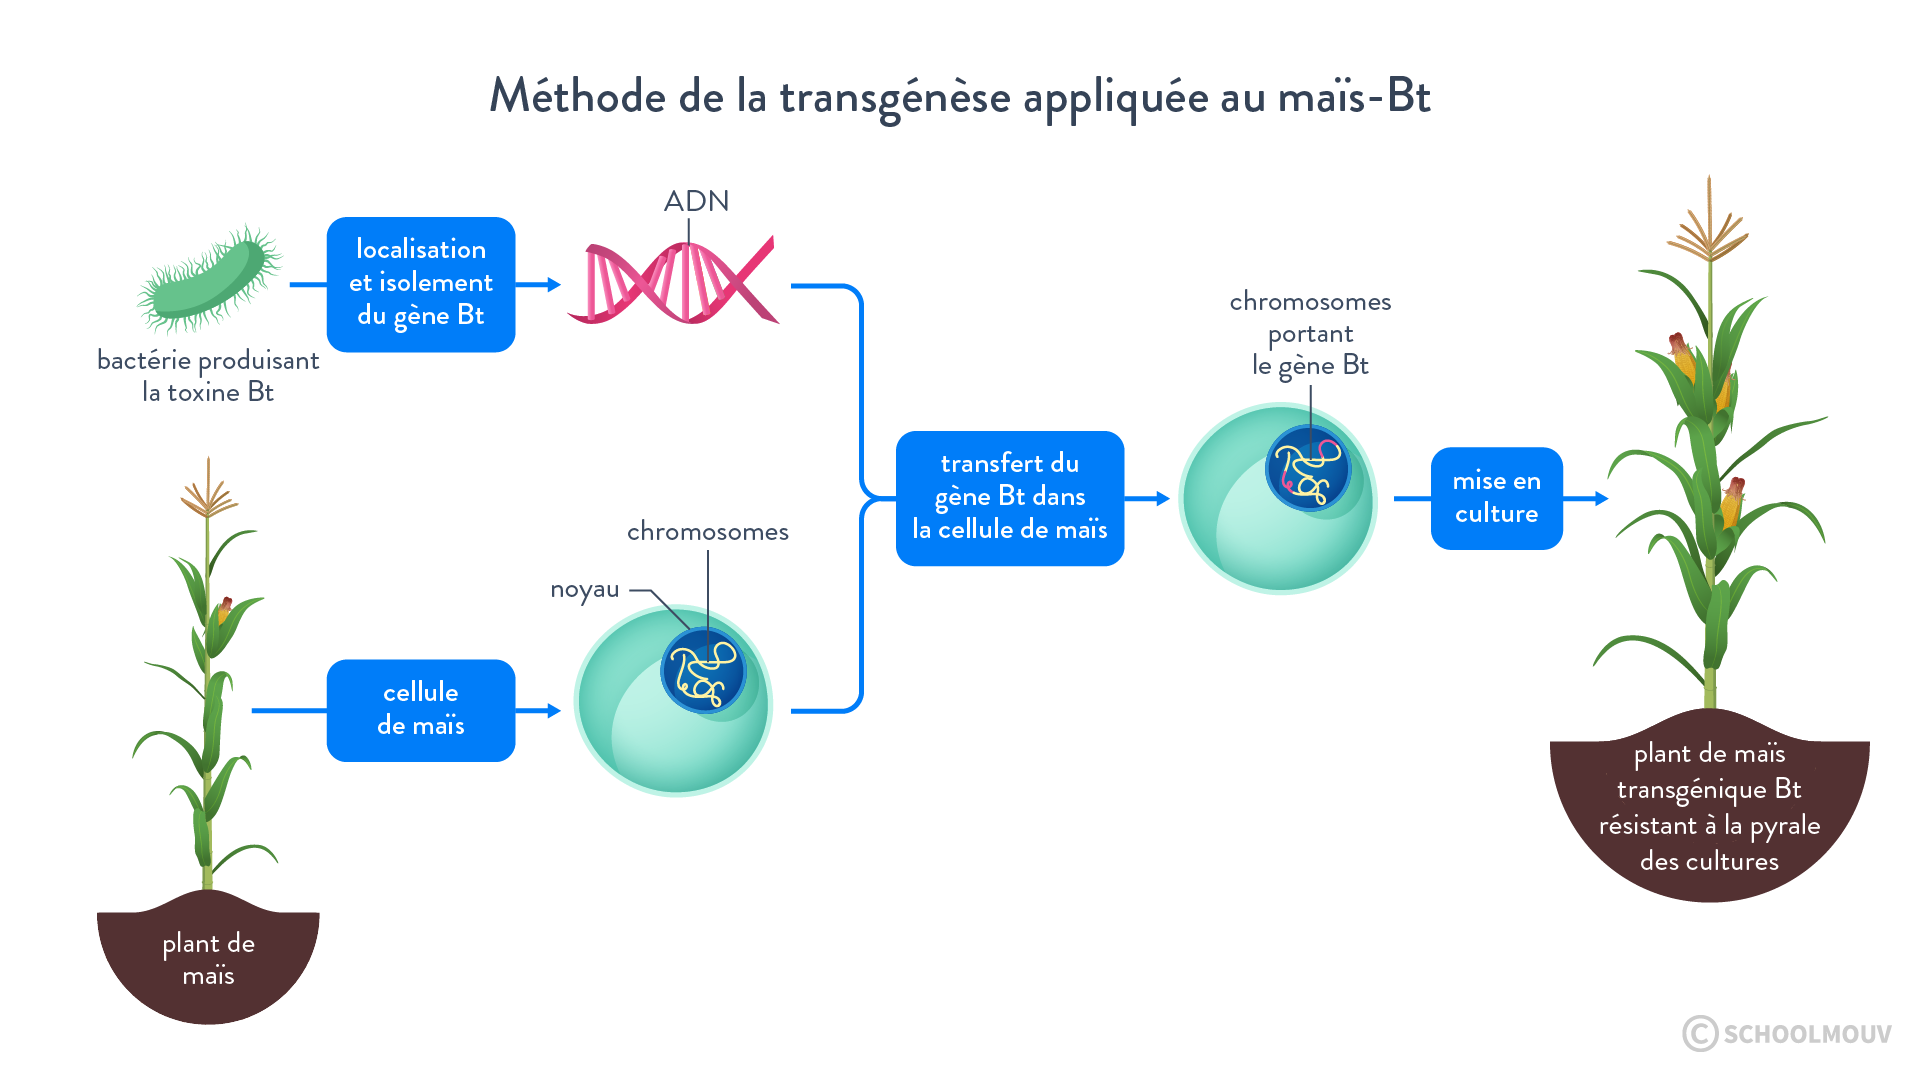 Méthode de la transgenèse appliquée au maïs-Bt